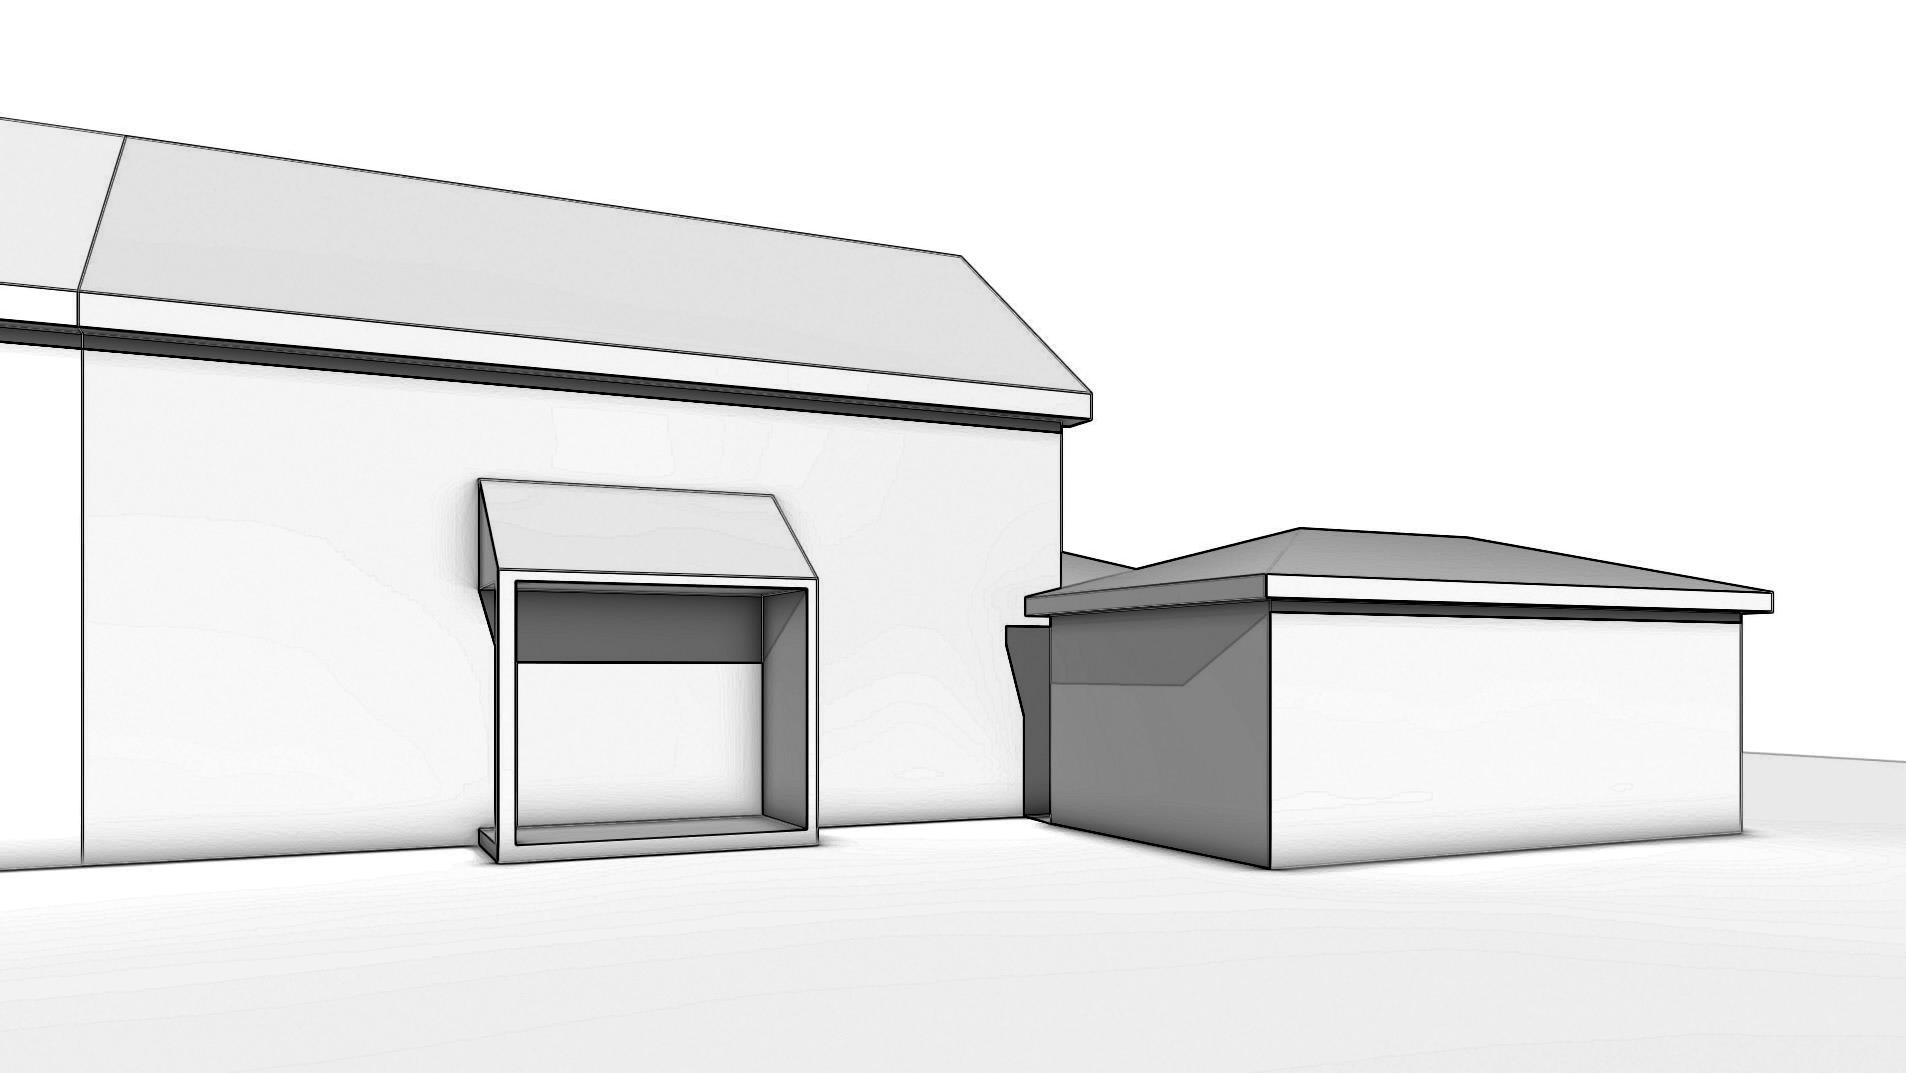 Roofline2-c.jpg